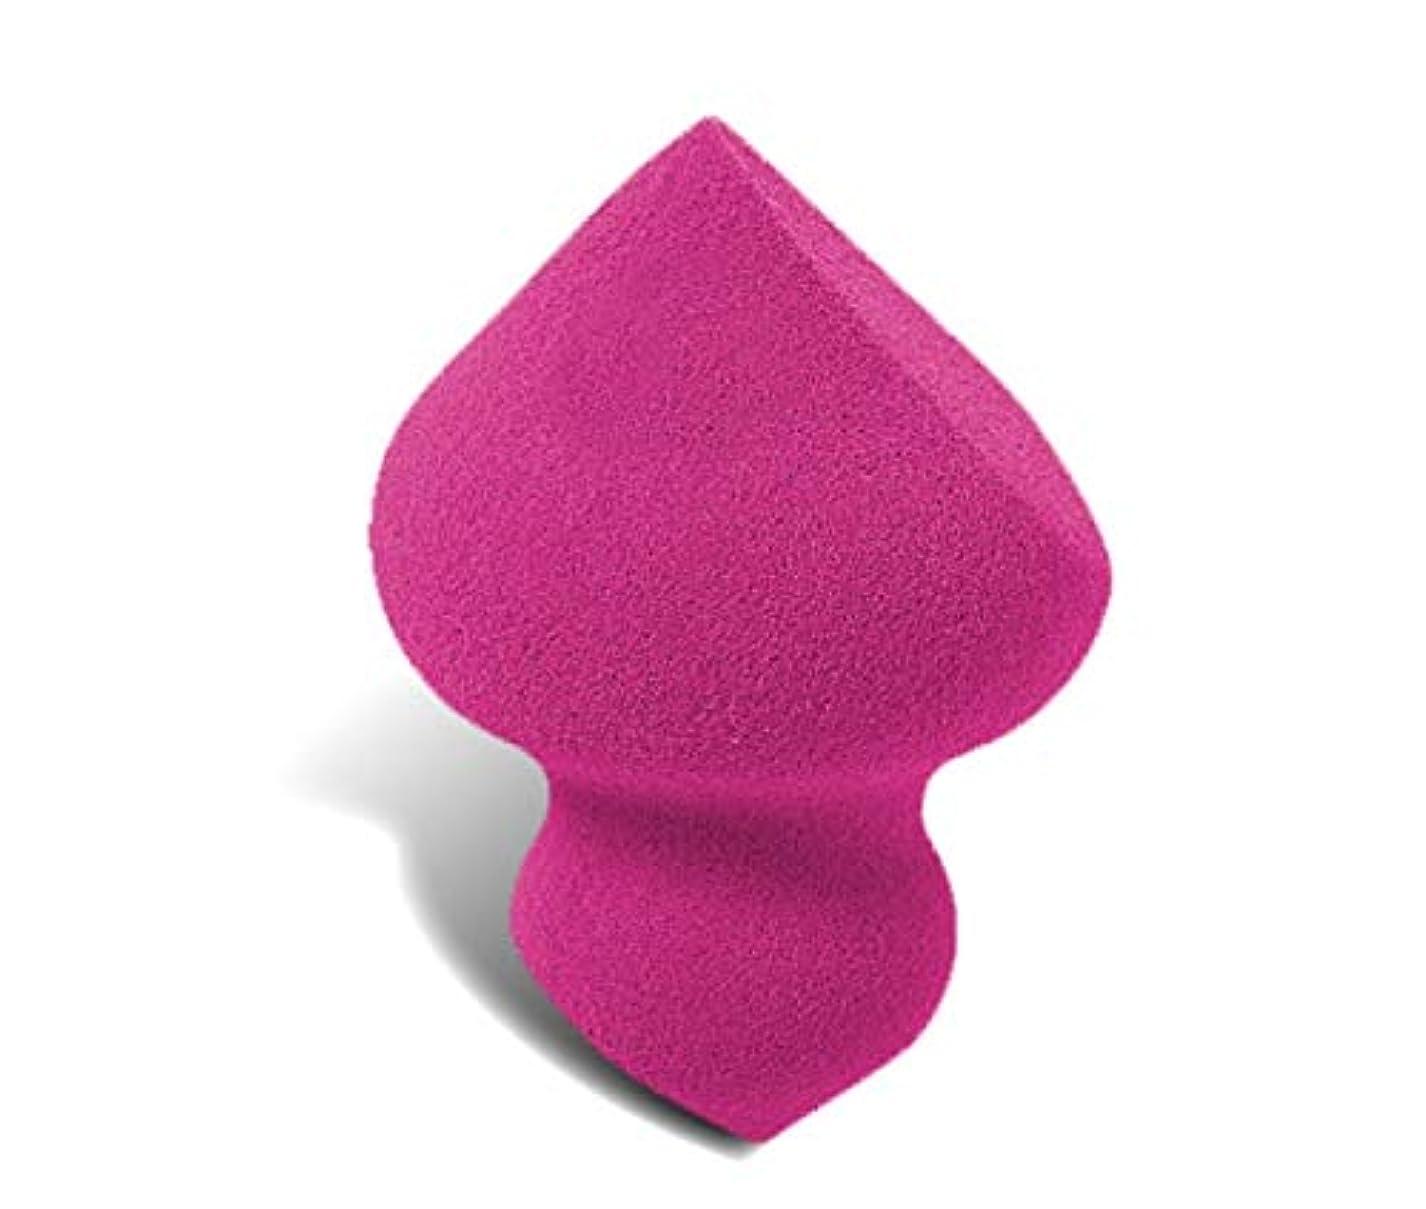 マトン体操選手ブラケット美のスポンジ、柔らかいジャイロの卵の形の構造の混合機の基礎スポンジ